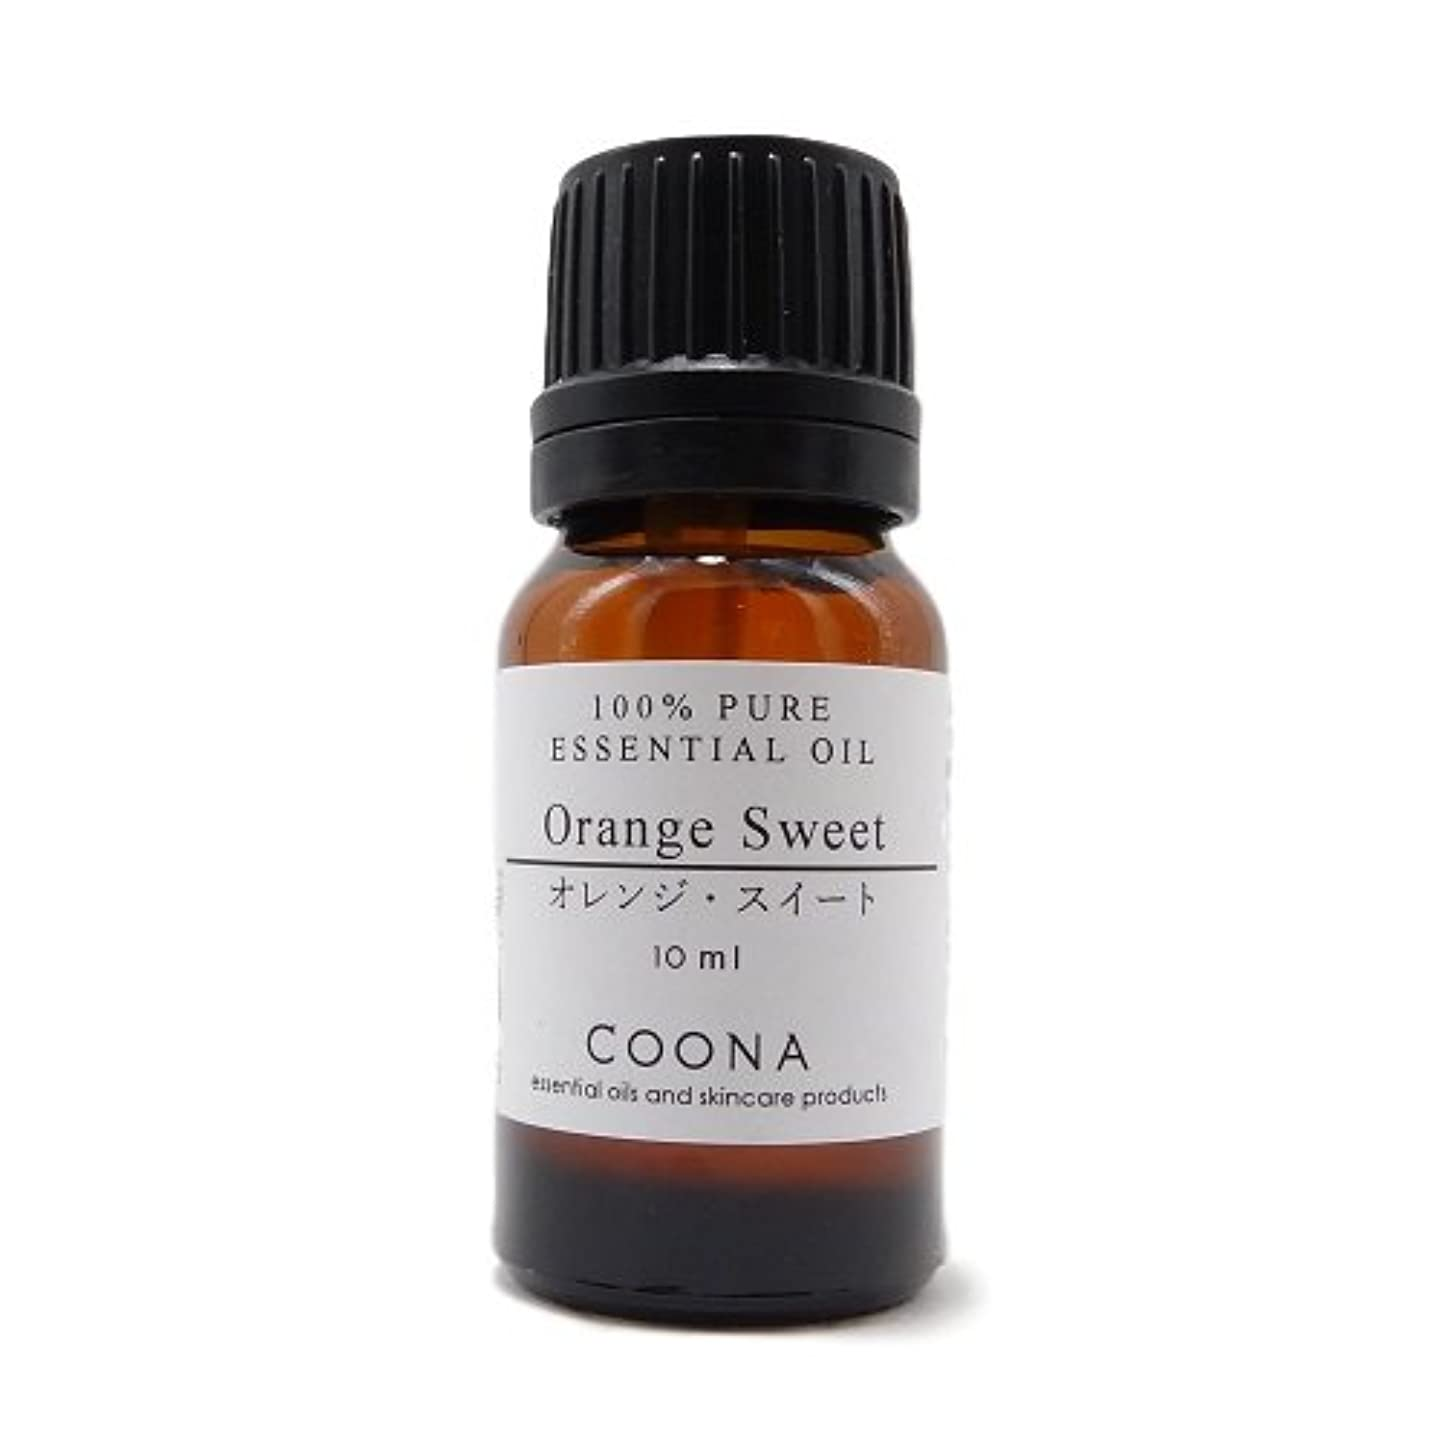 パラメータマティスを除くオレンジ スイート 10 ml (COONA エッセンシャルオイル アロマオイル 100%天然植物精油)